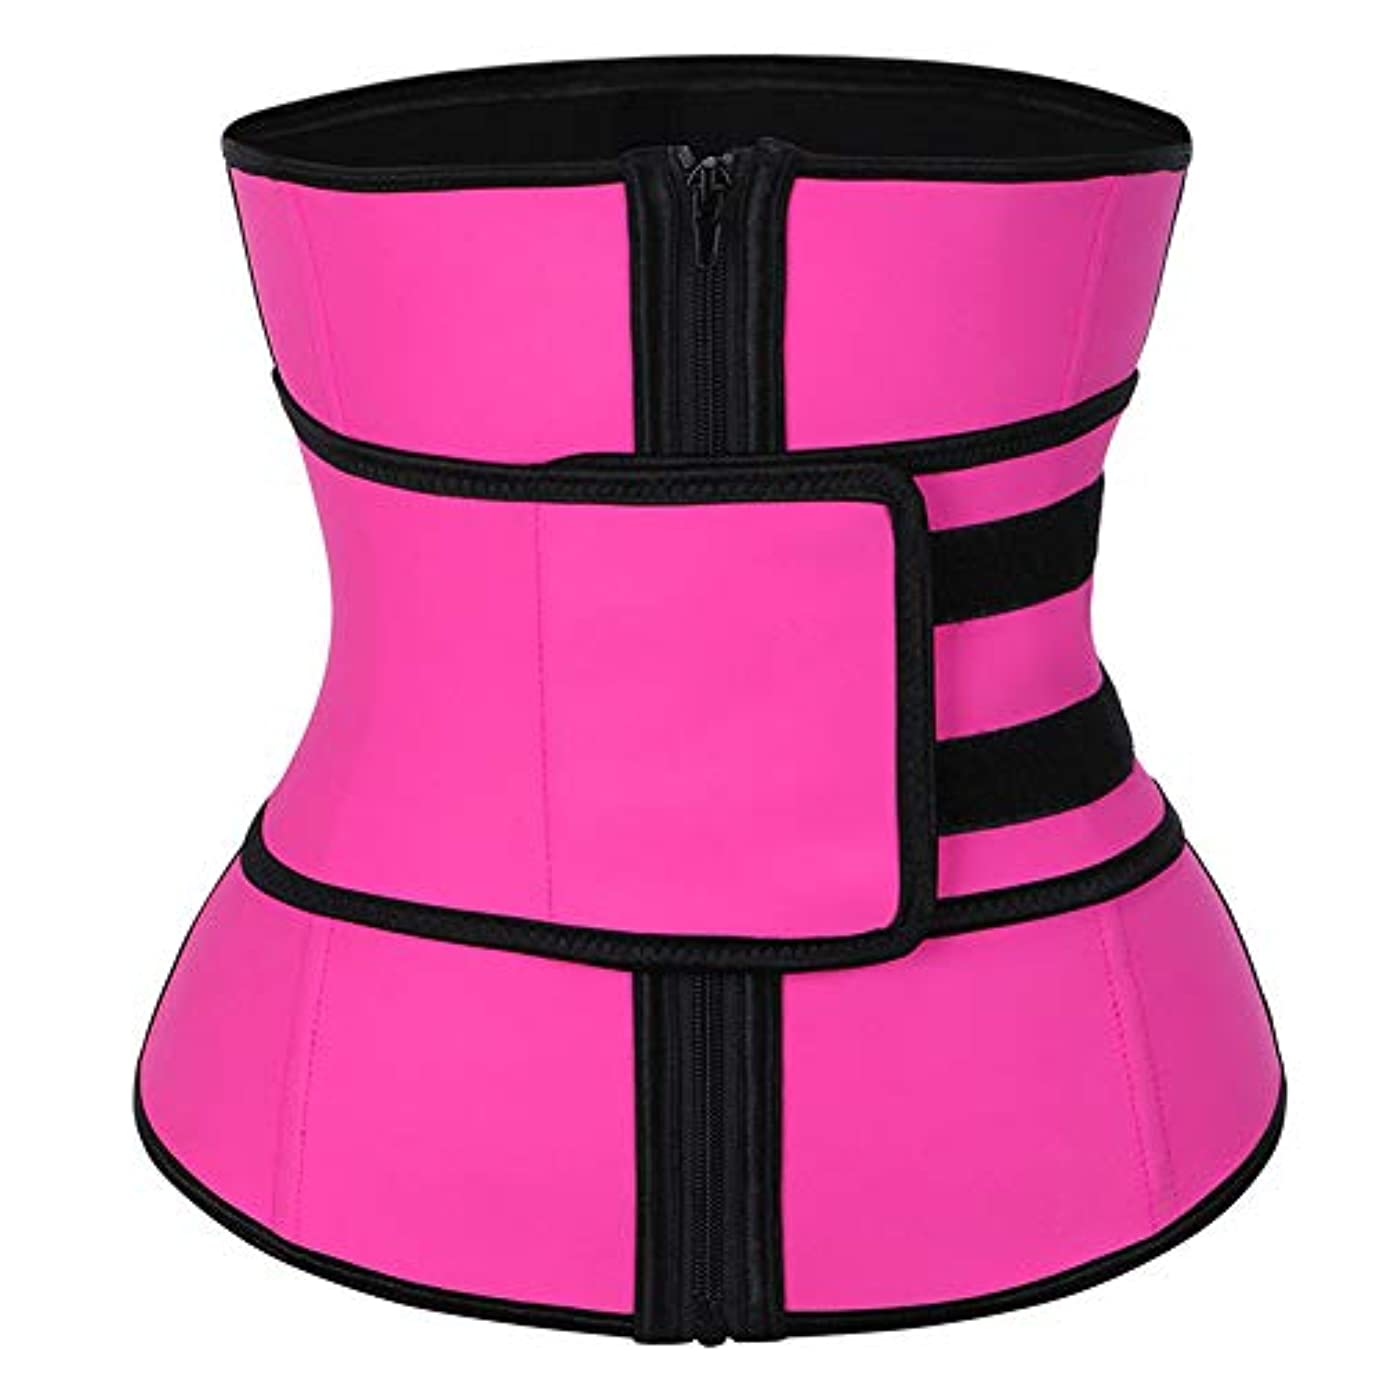 実現可能性教師の日スーツケース女性のウエストトレーニングコルセットコルセットネオプレン付きジッパーウエストスリムベルトラテックスラテックス通気性ウエストボディシェイプ,Pink,XL